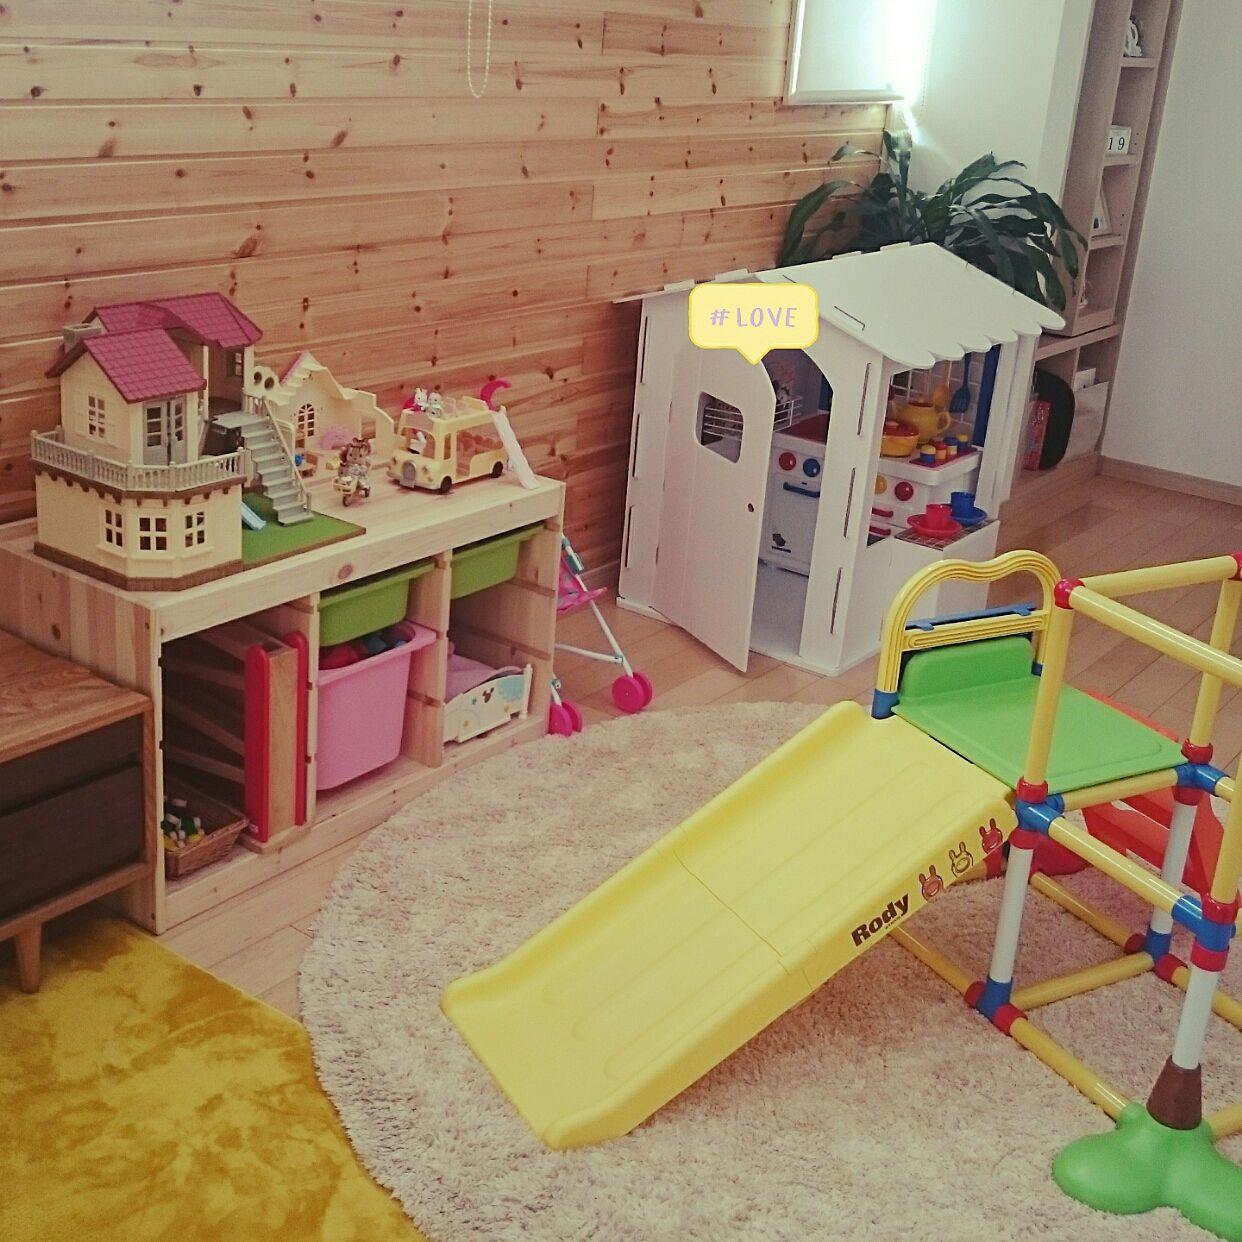 リビング Ikea トロファスト シルバニアファミリー おもちゃキッチン